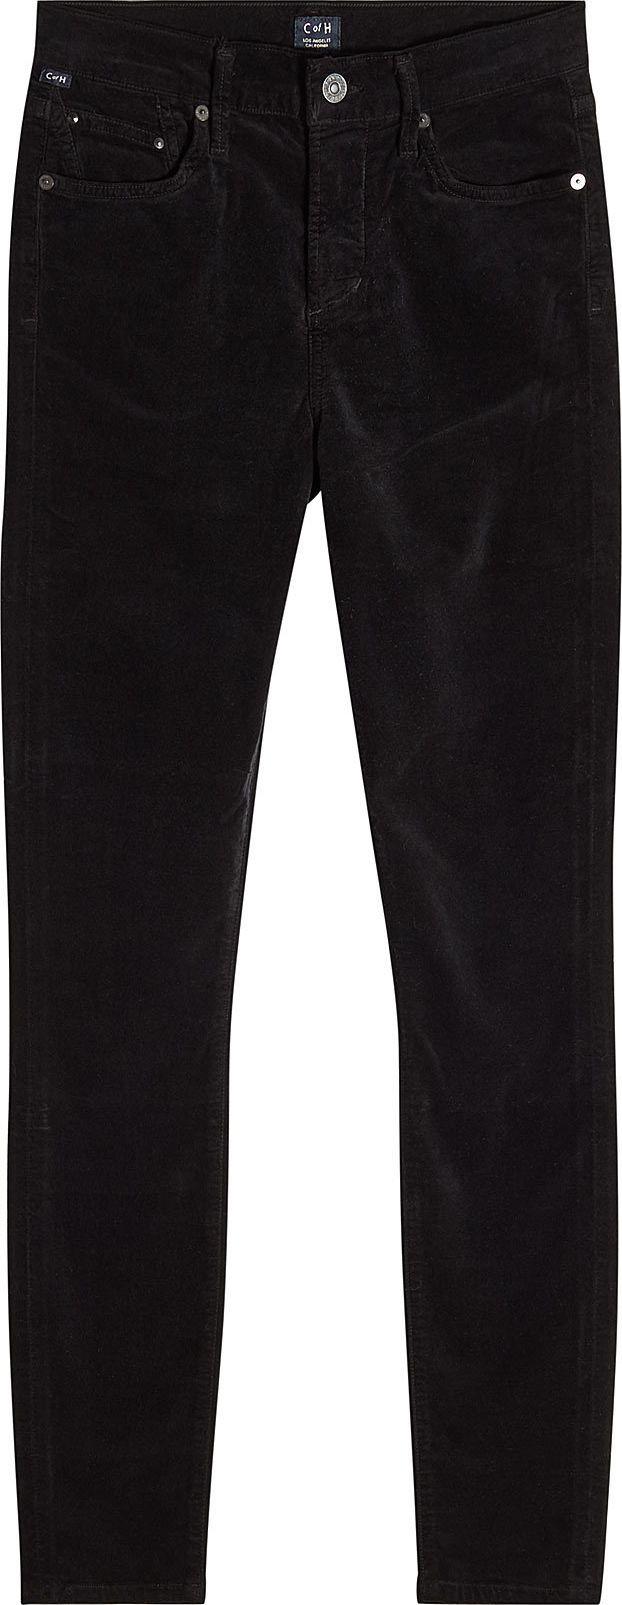 Citizens Of Humanity - Skinny Velvet Pants